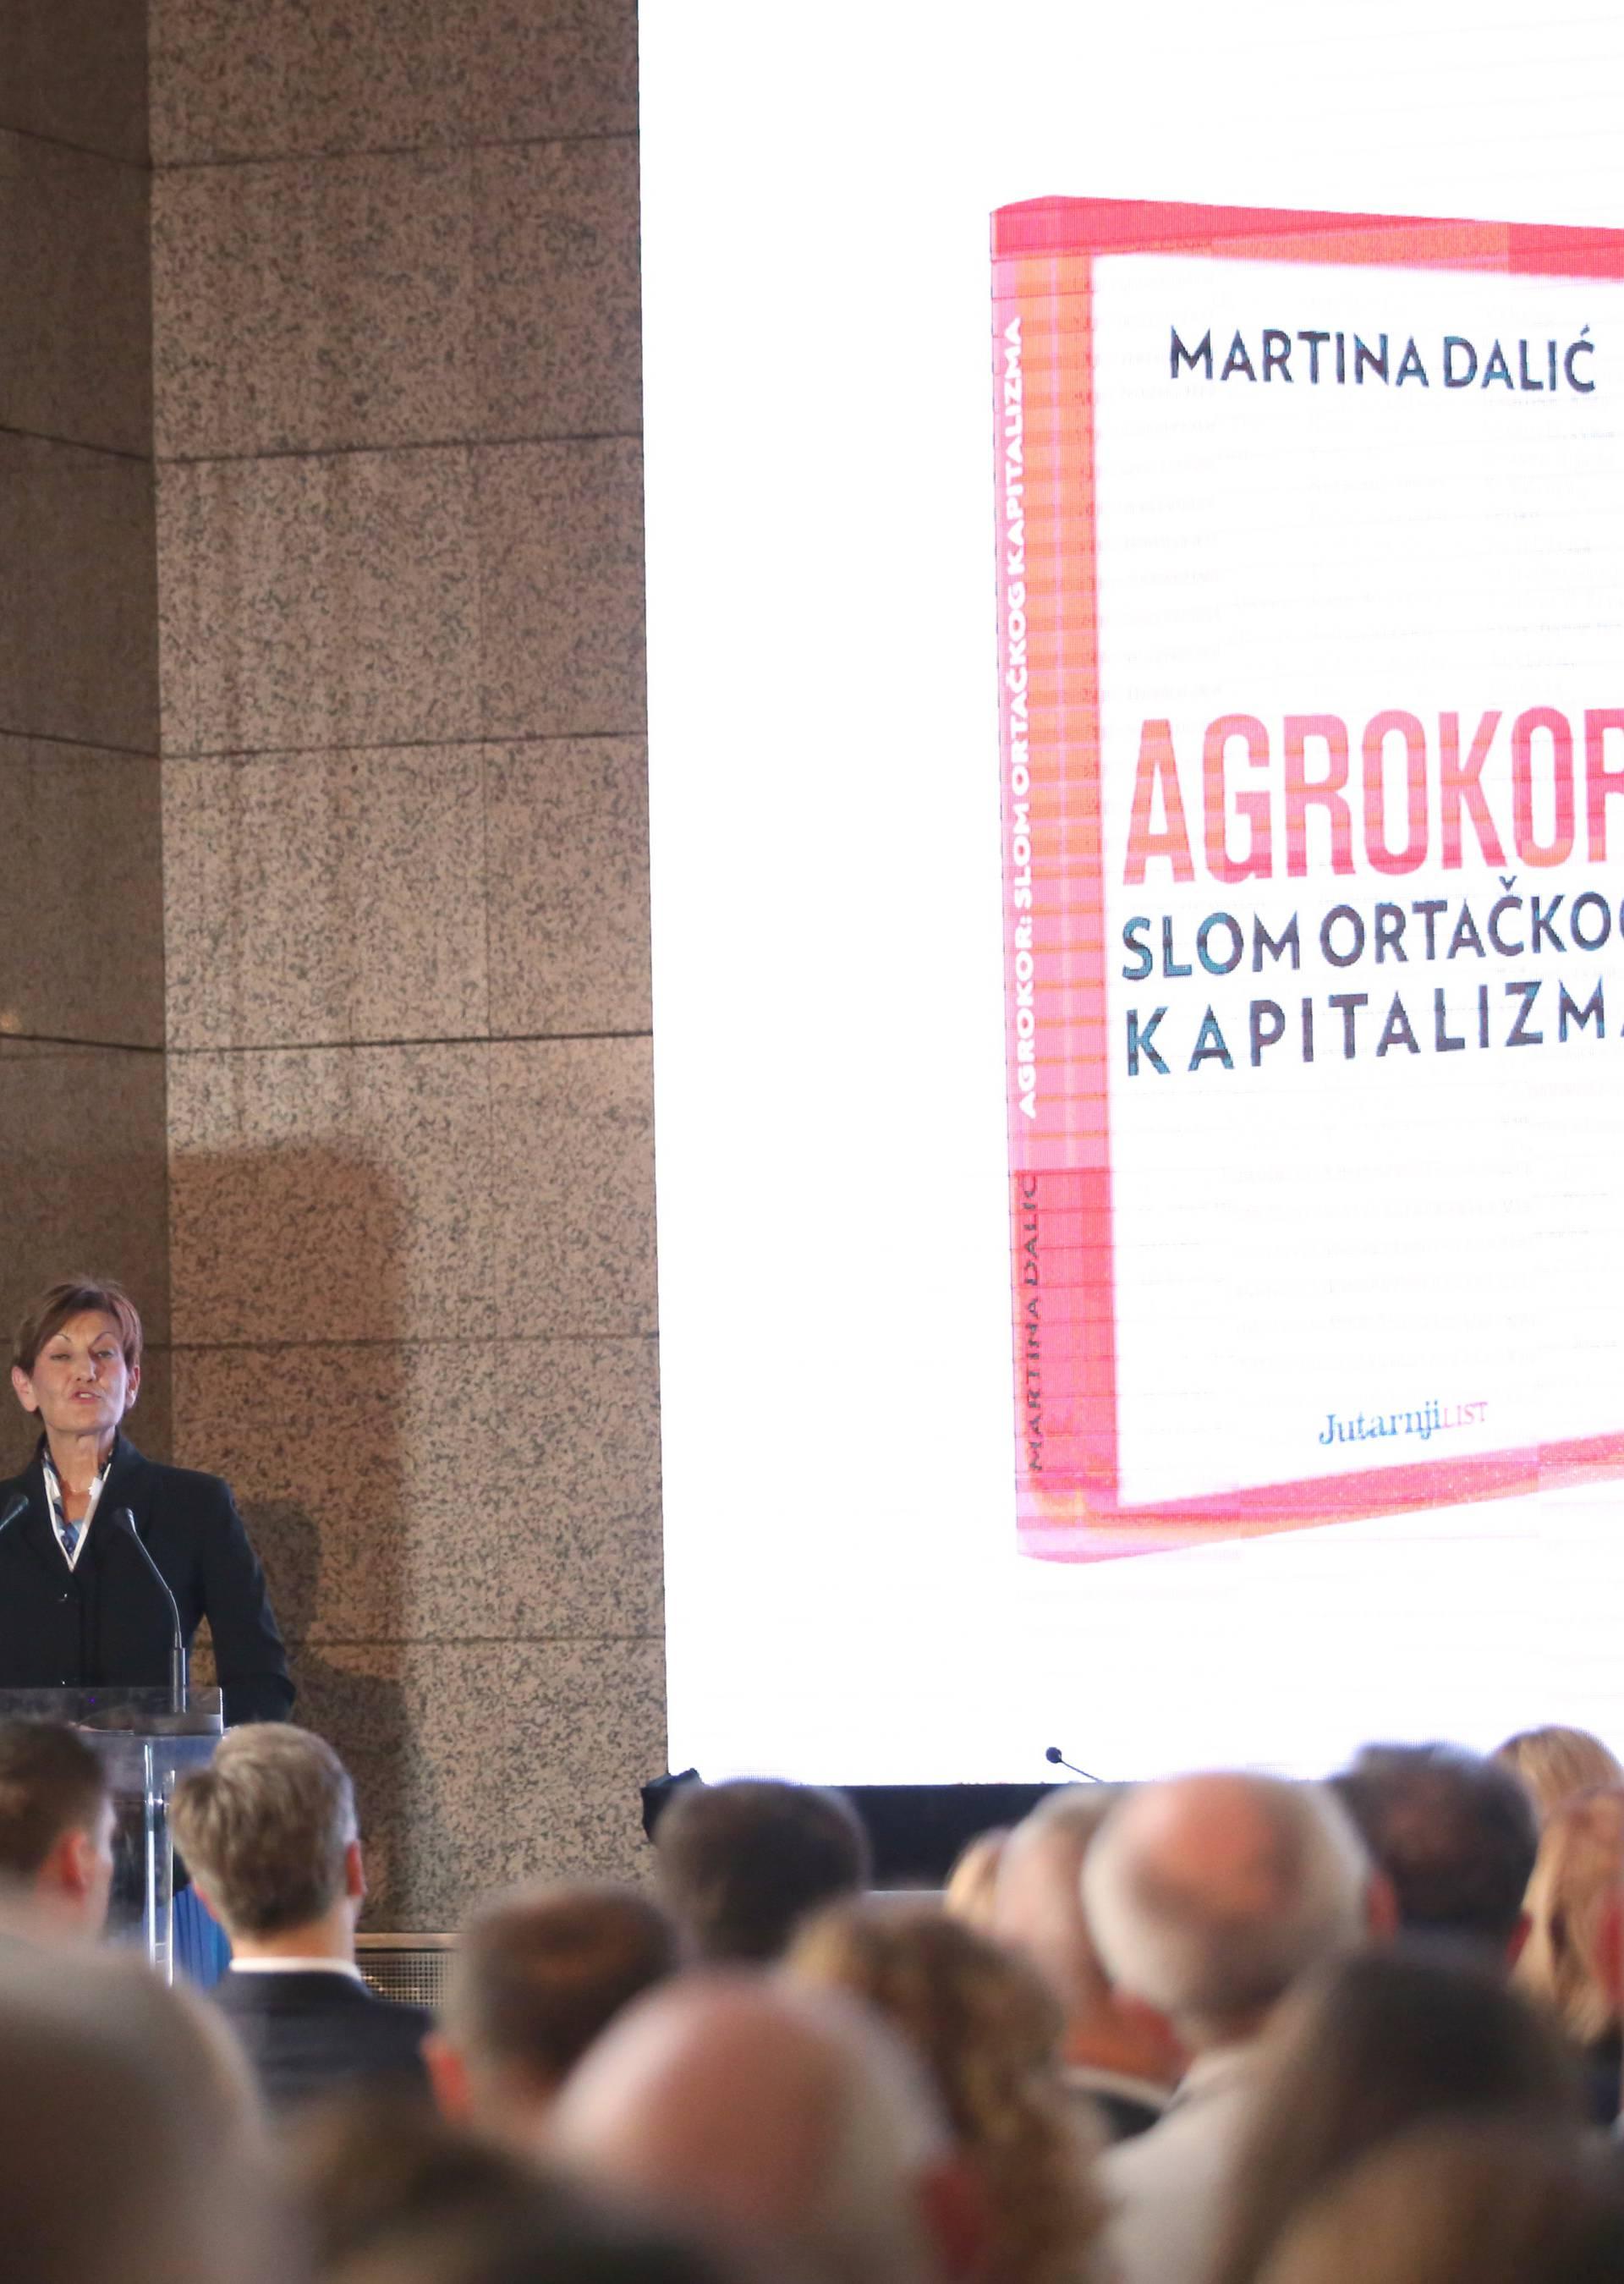 Povjerenstvo treba istražiti izdavanje knjige Martine Dalić